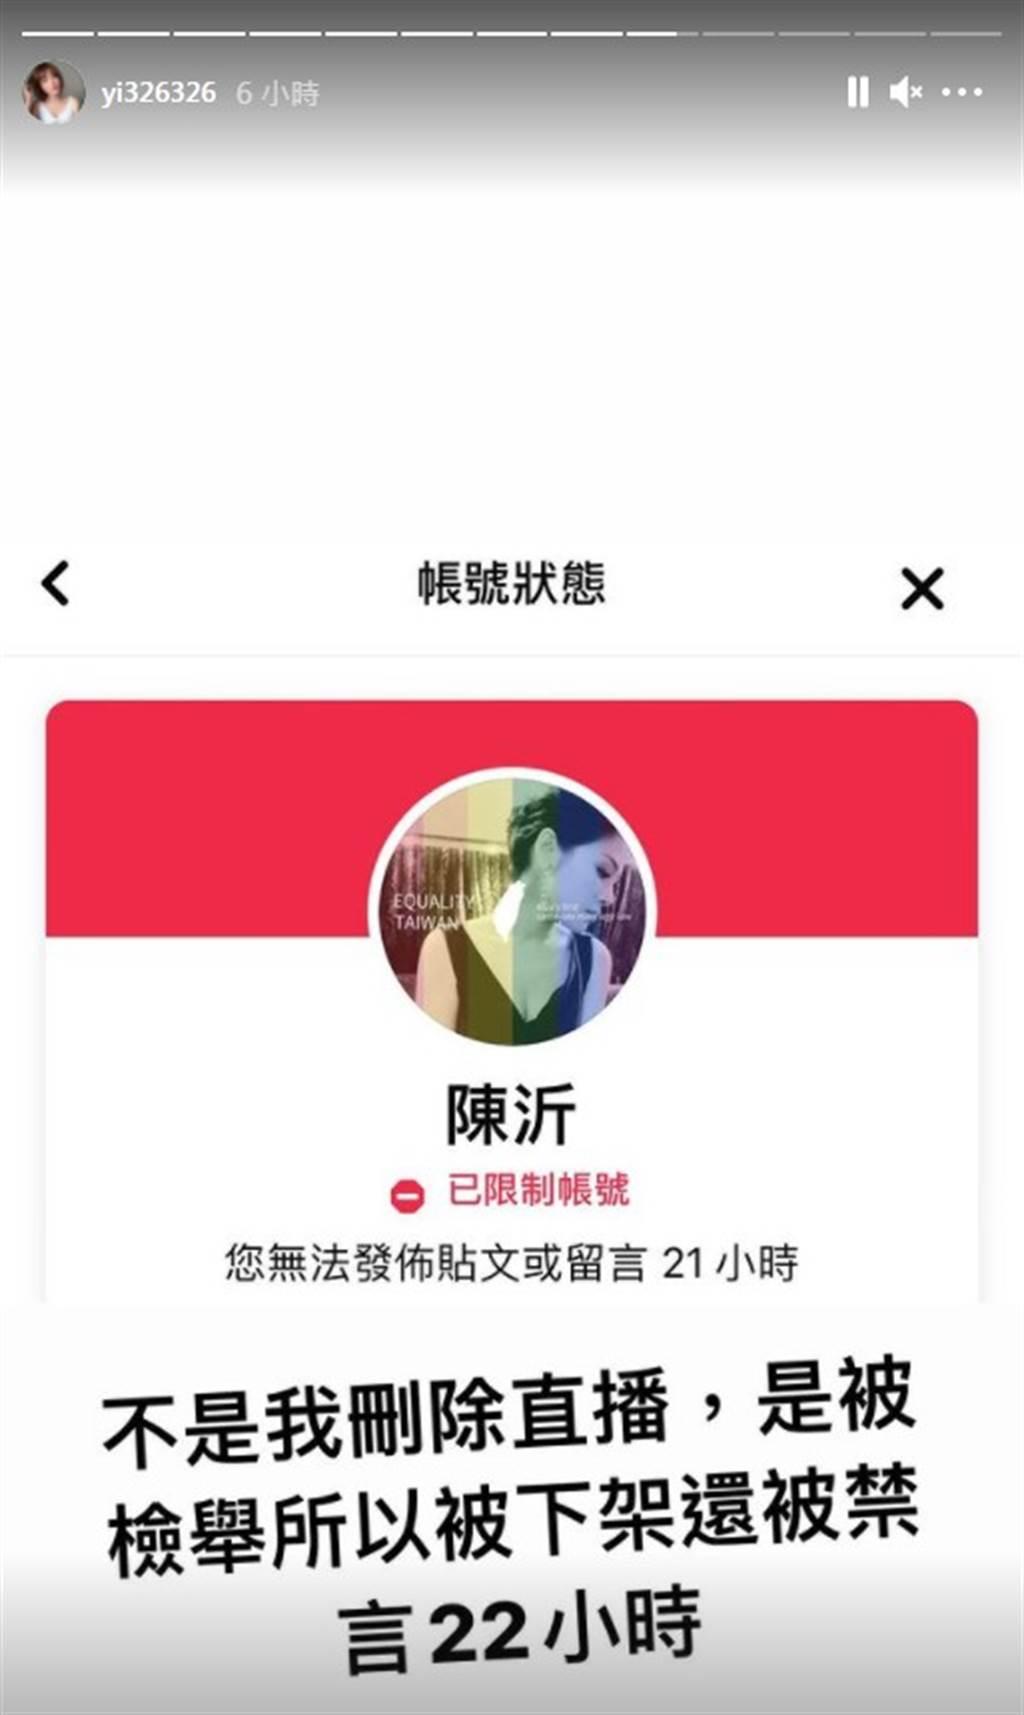 陳沂的臉書遭官方鎖定,直播也被下架。(圖/IG@陳沂)